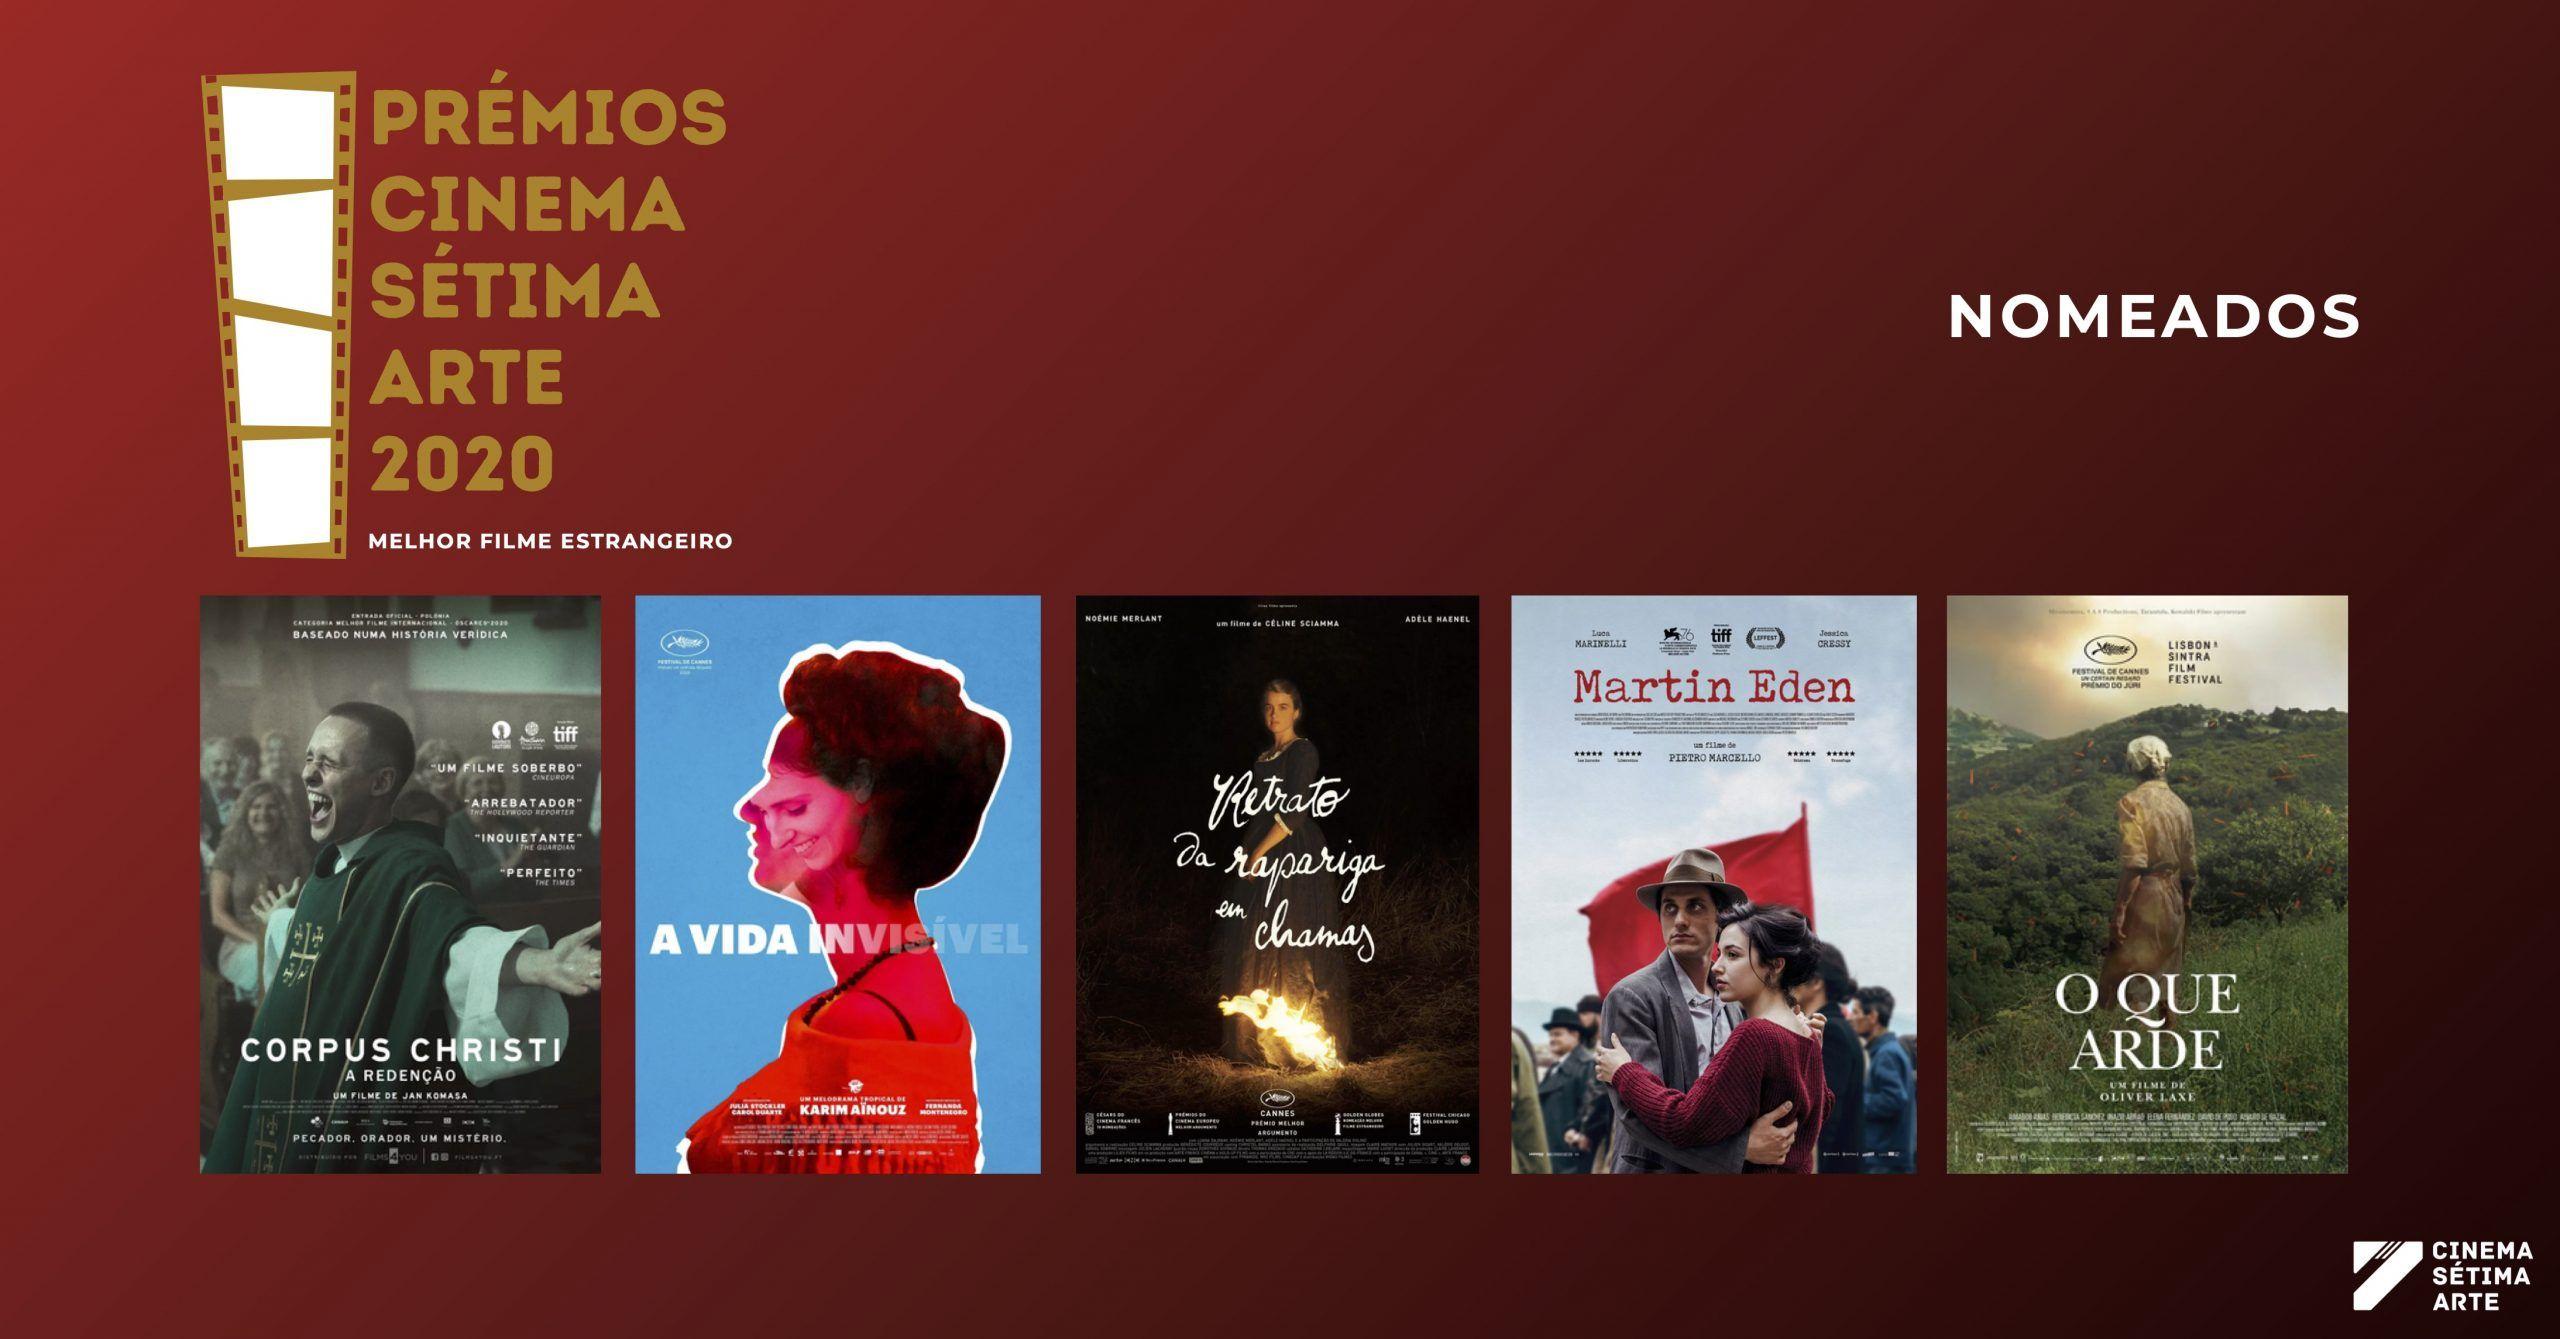 Premios-cinema-setima-arte-2020-4